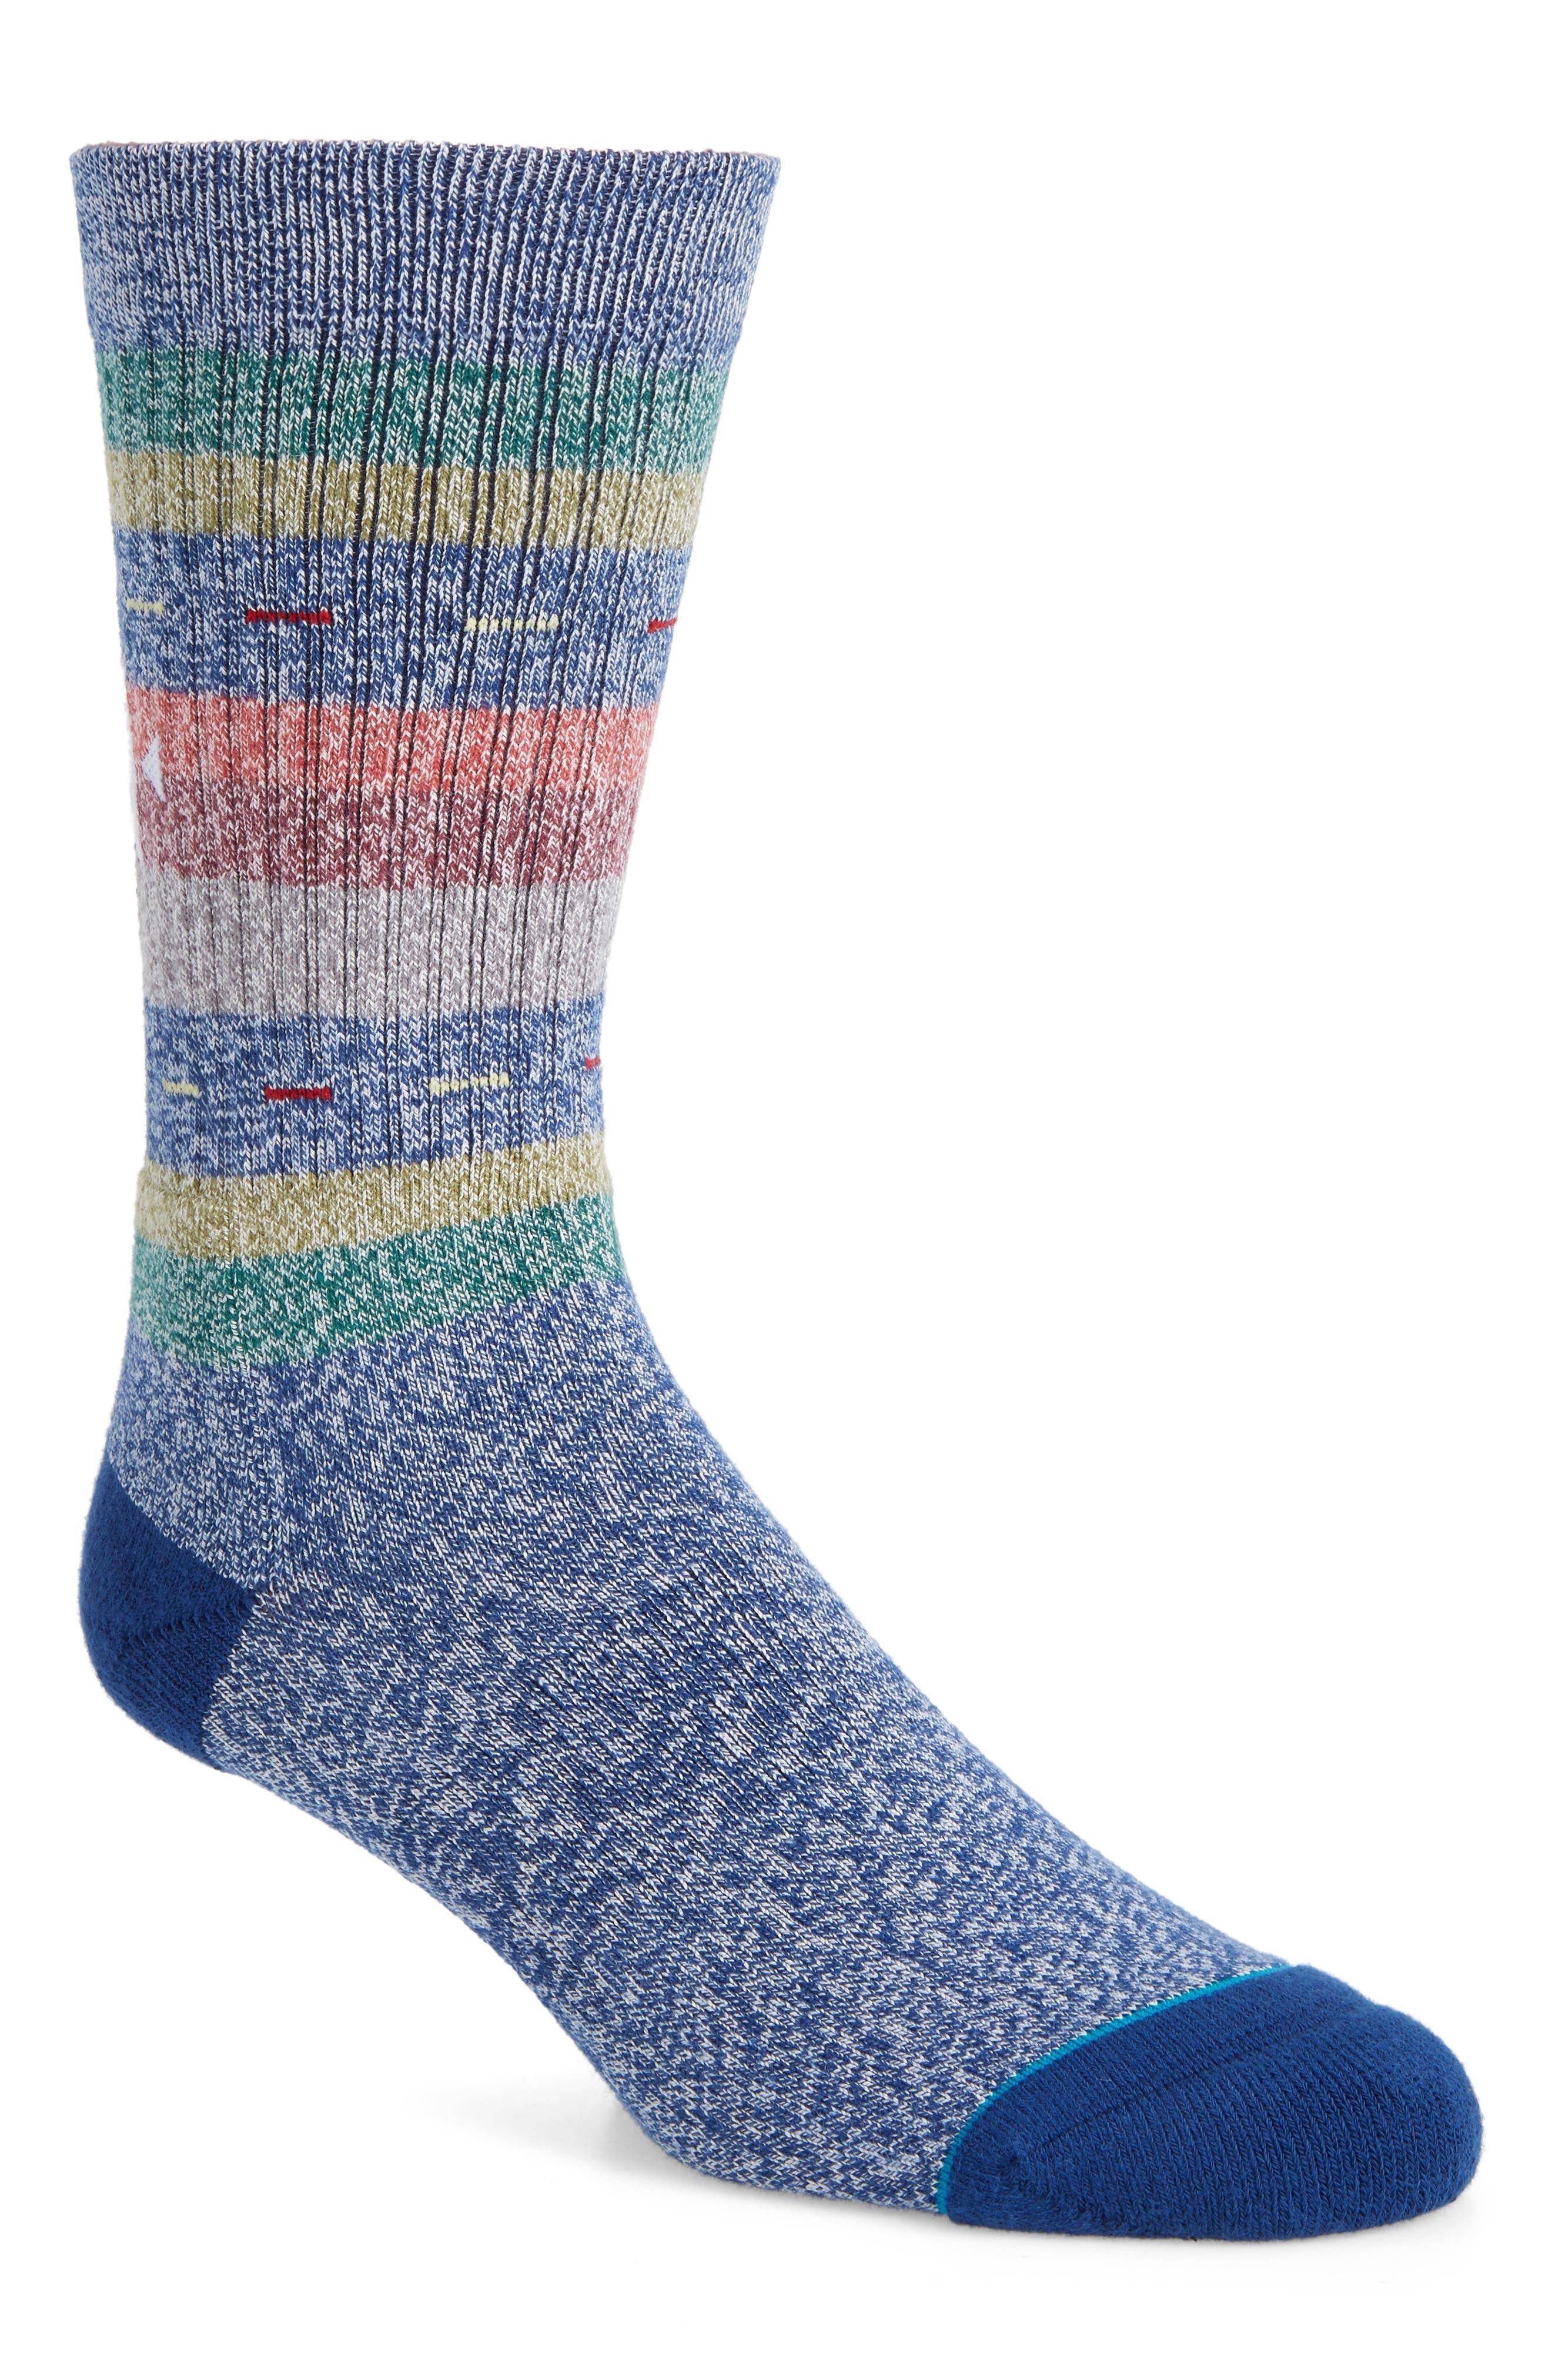 Vaucluse Stripe Socks,                             Main thumbnail 1, color,                             410